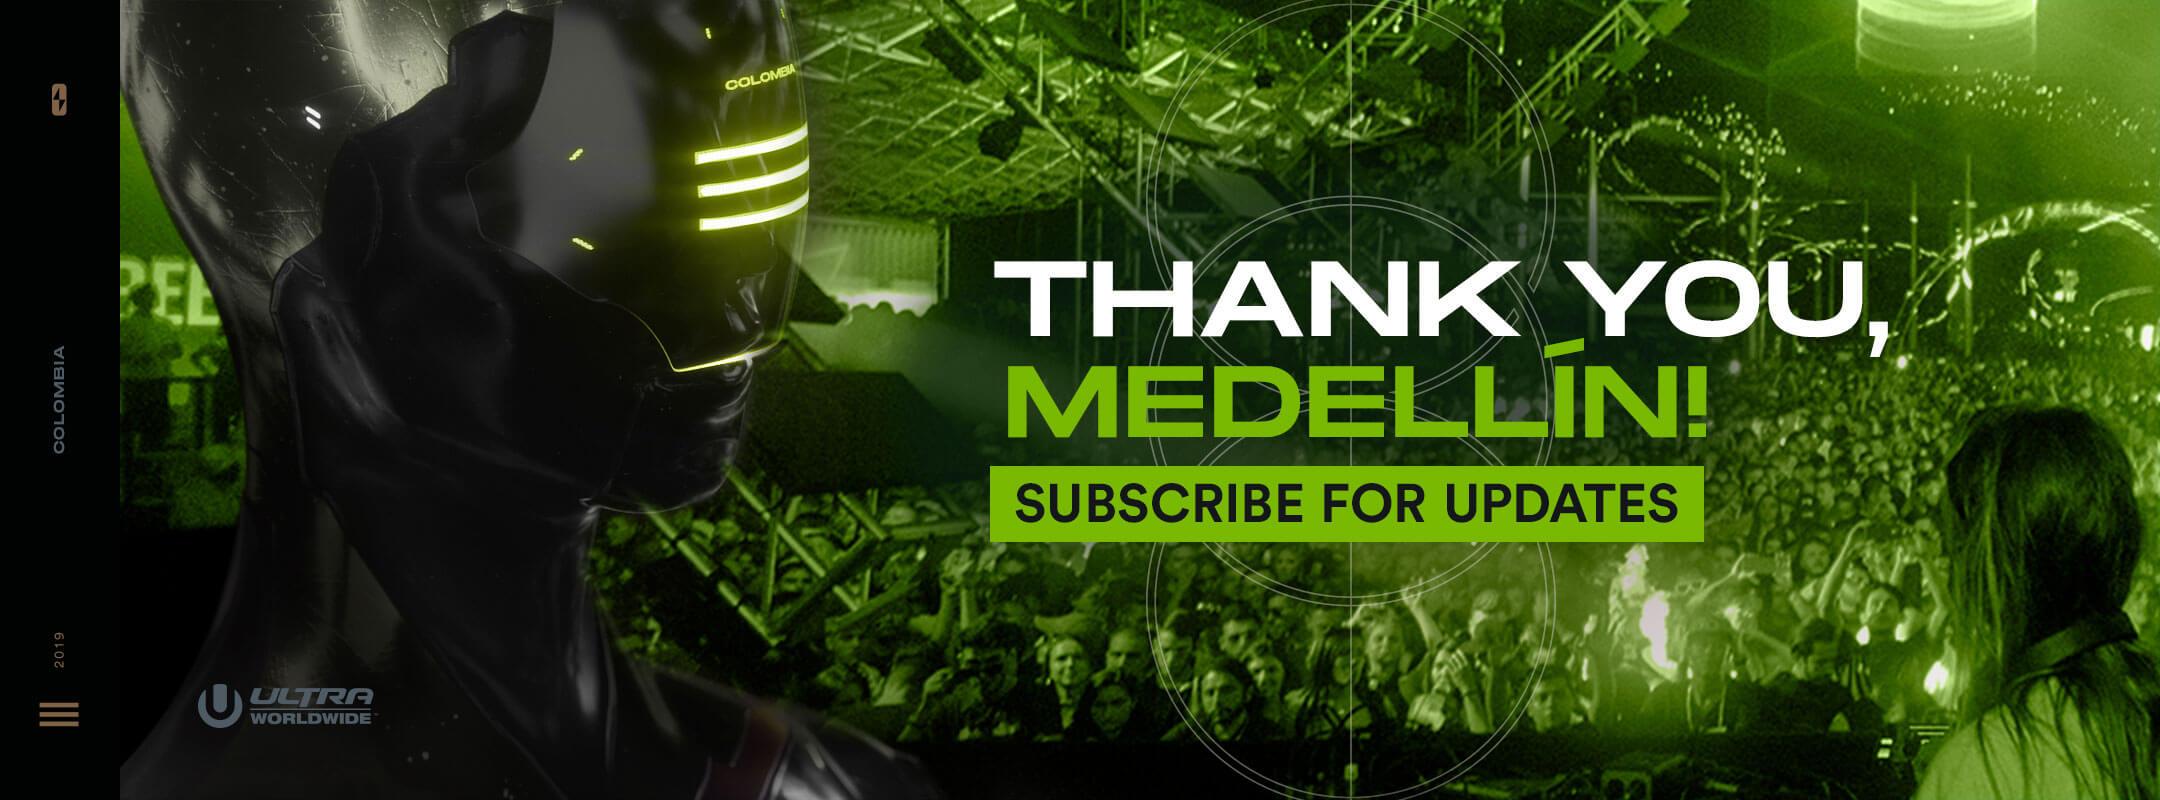 Subscribe for Updates for RESISTANCE Medellín